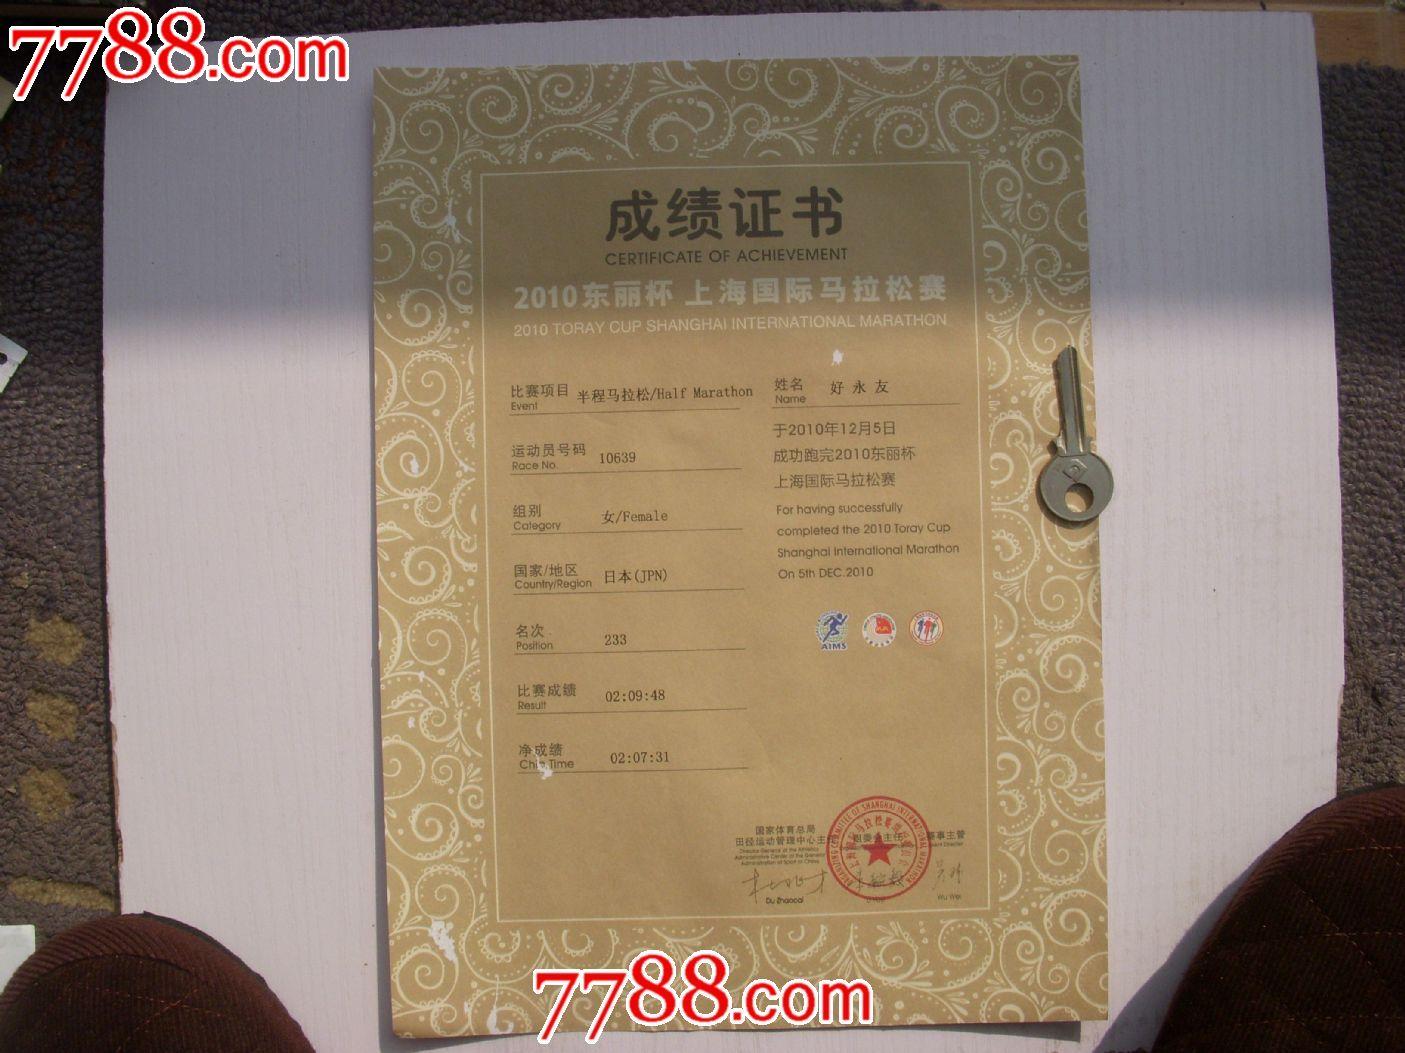 2010东丽杯国际马拉松比赛成绩证书